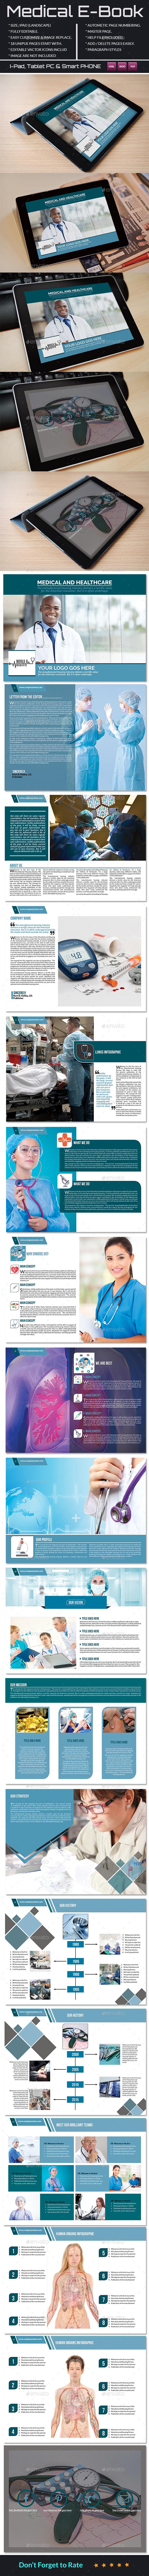 Medical E-book - ePublishing